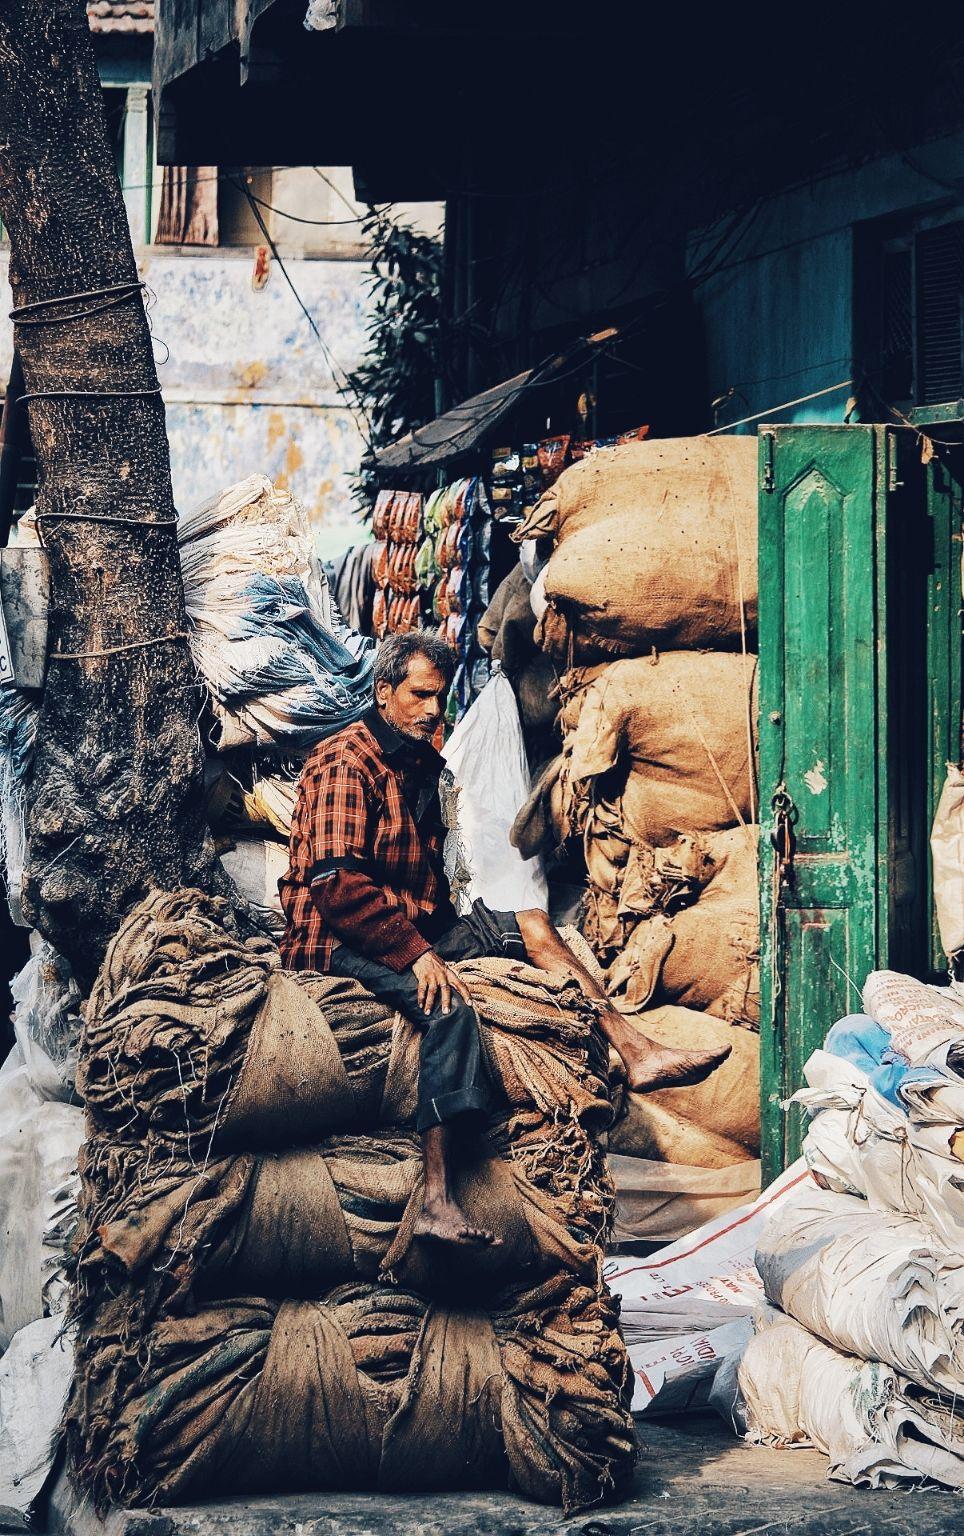 Photo of Kolkata By Rushil Sablania